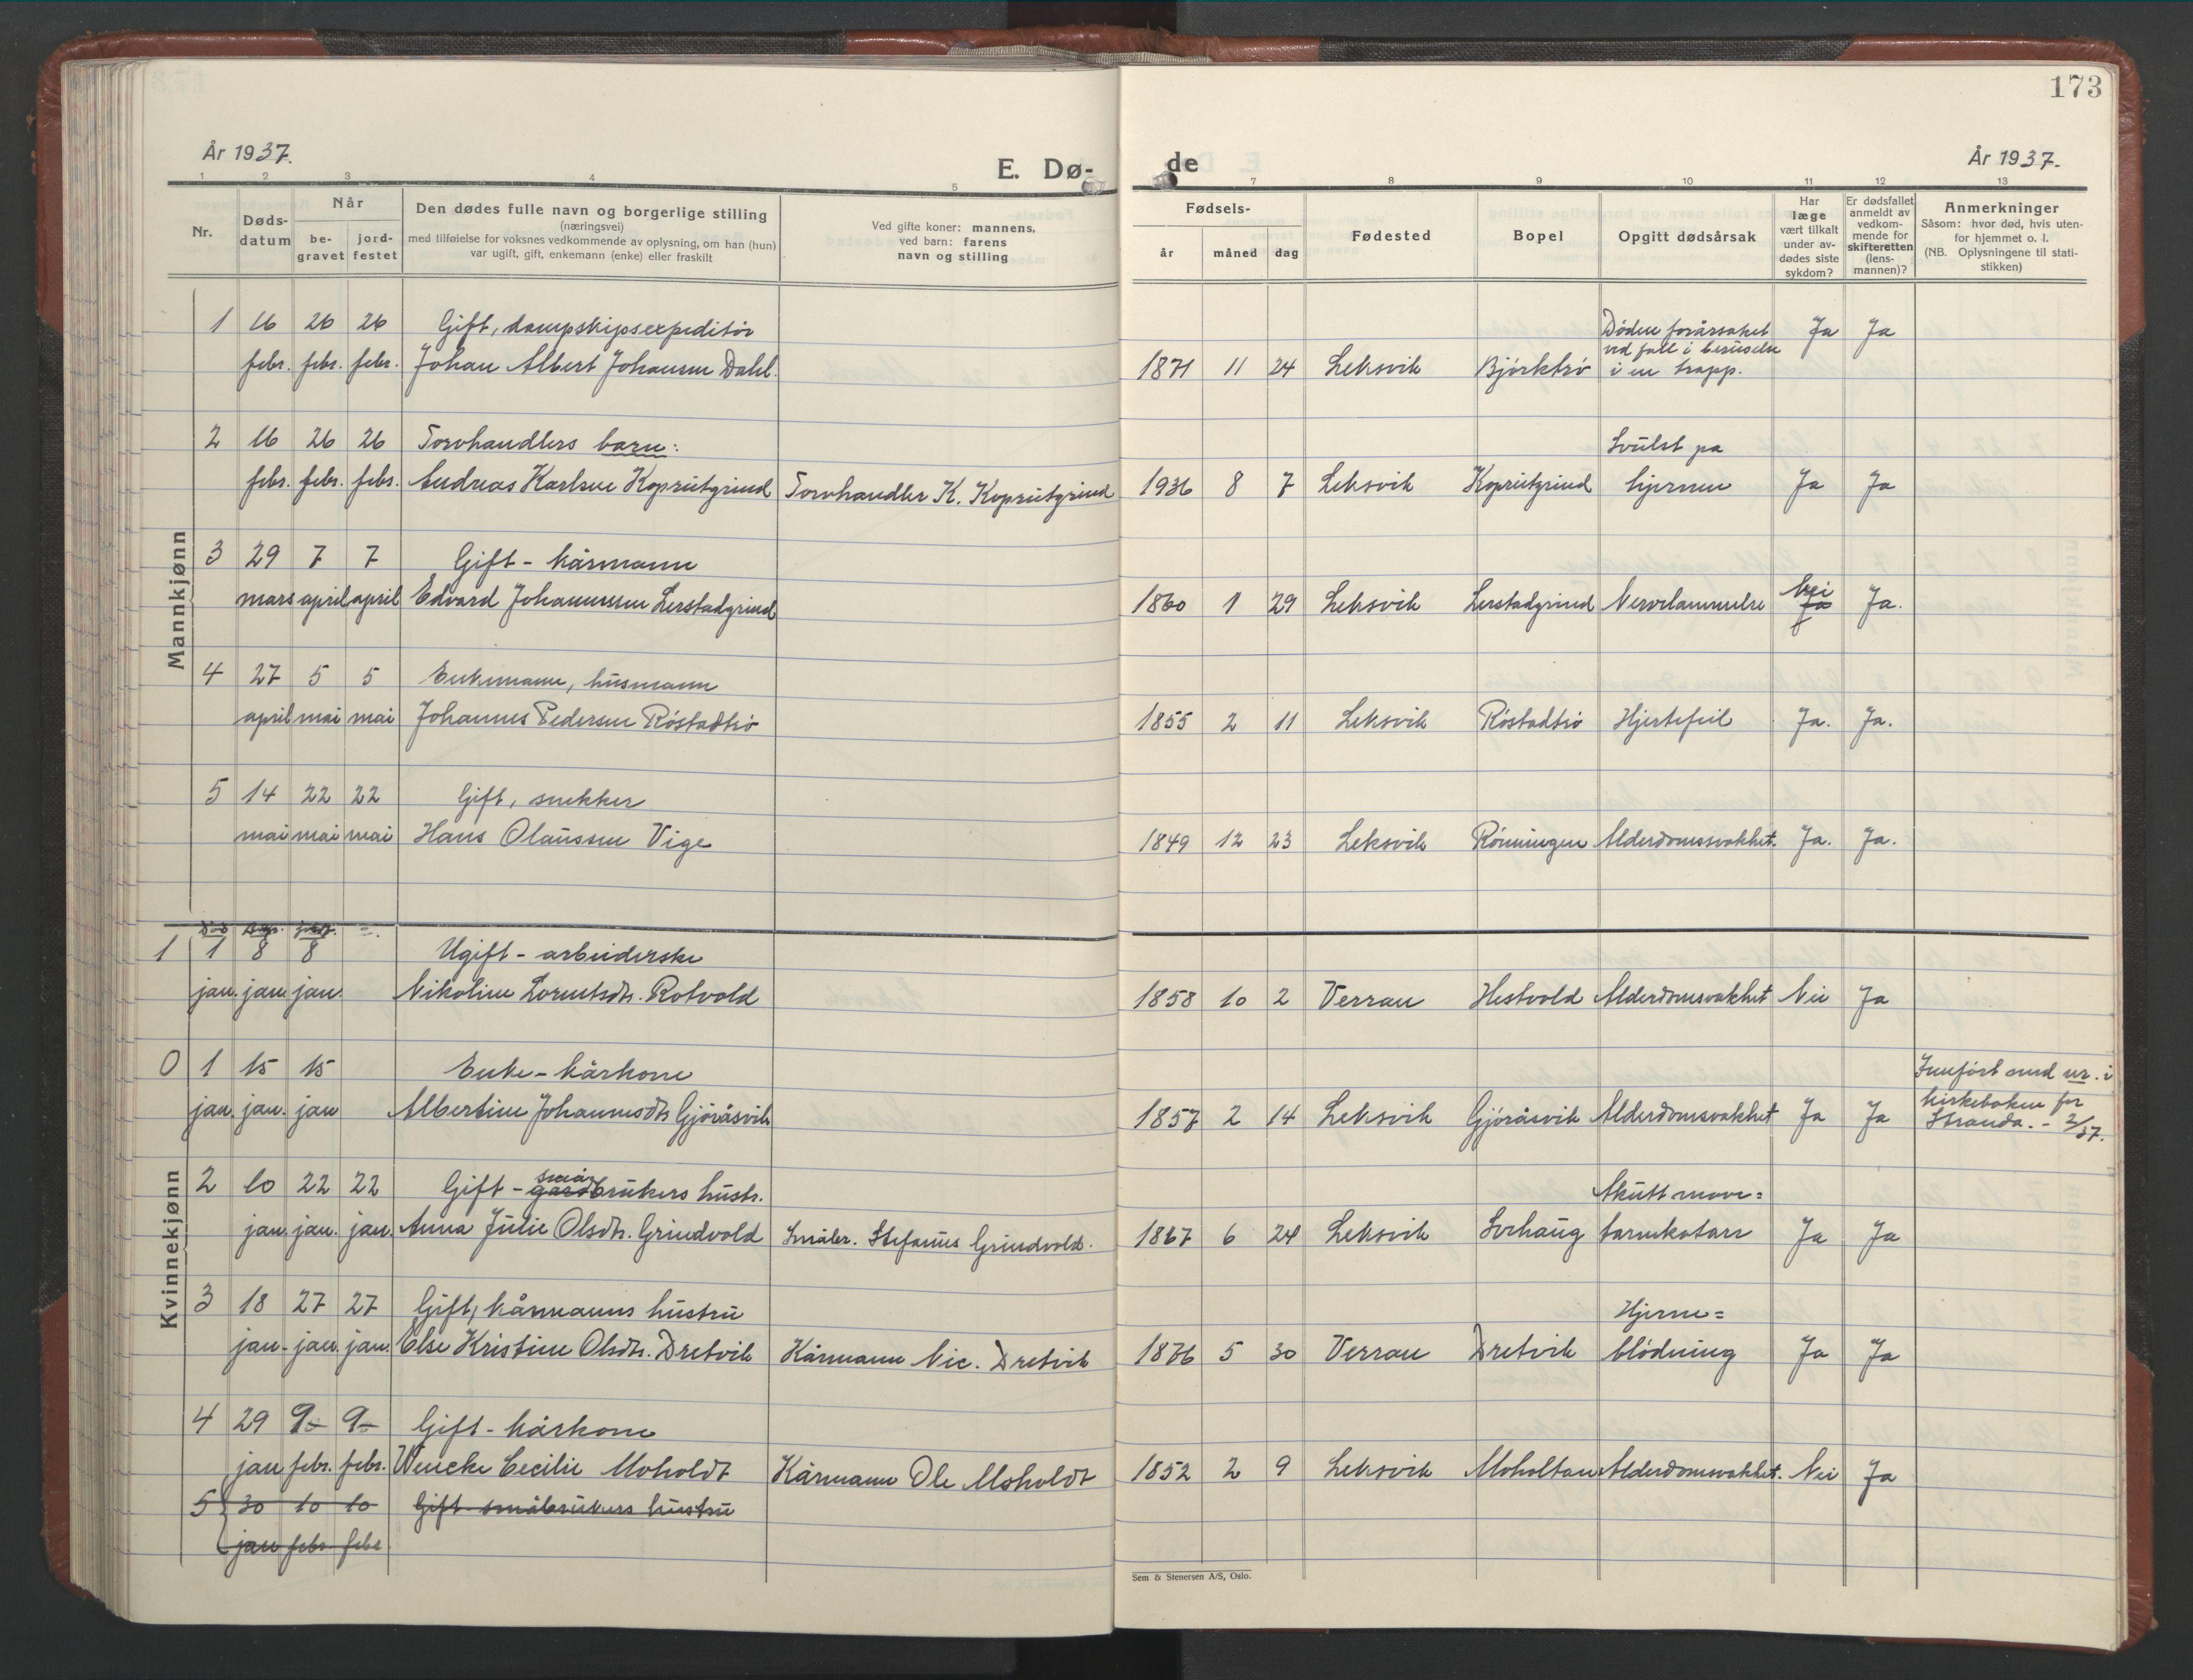 SAT, Ministerialprotokoller, klokkerbøker og fødselsregistre - Nord-Trøndelag, 701/L0019: Klokkerbok nr. 701C03, 1930-1953, s. 173